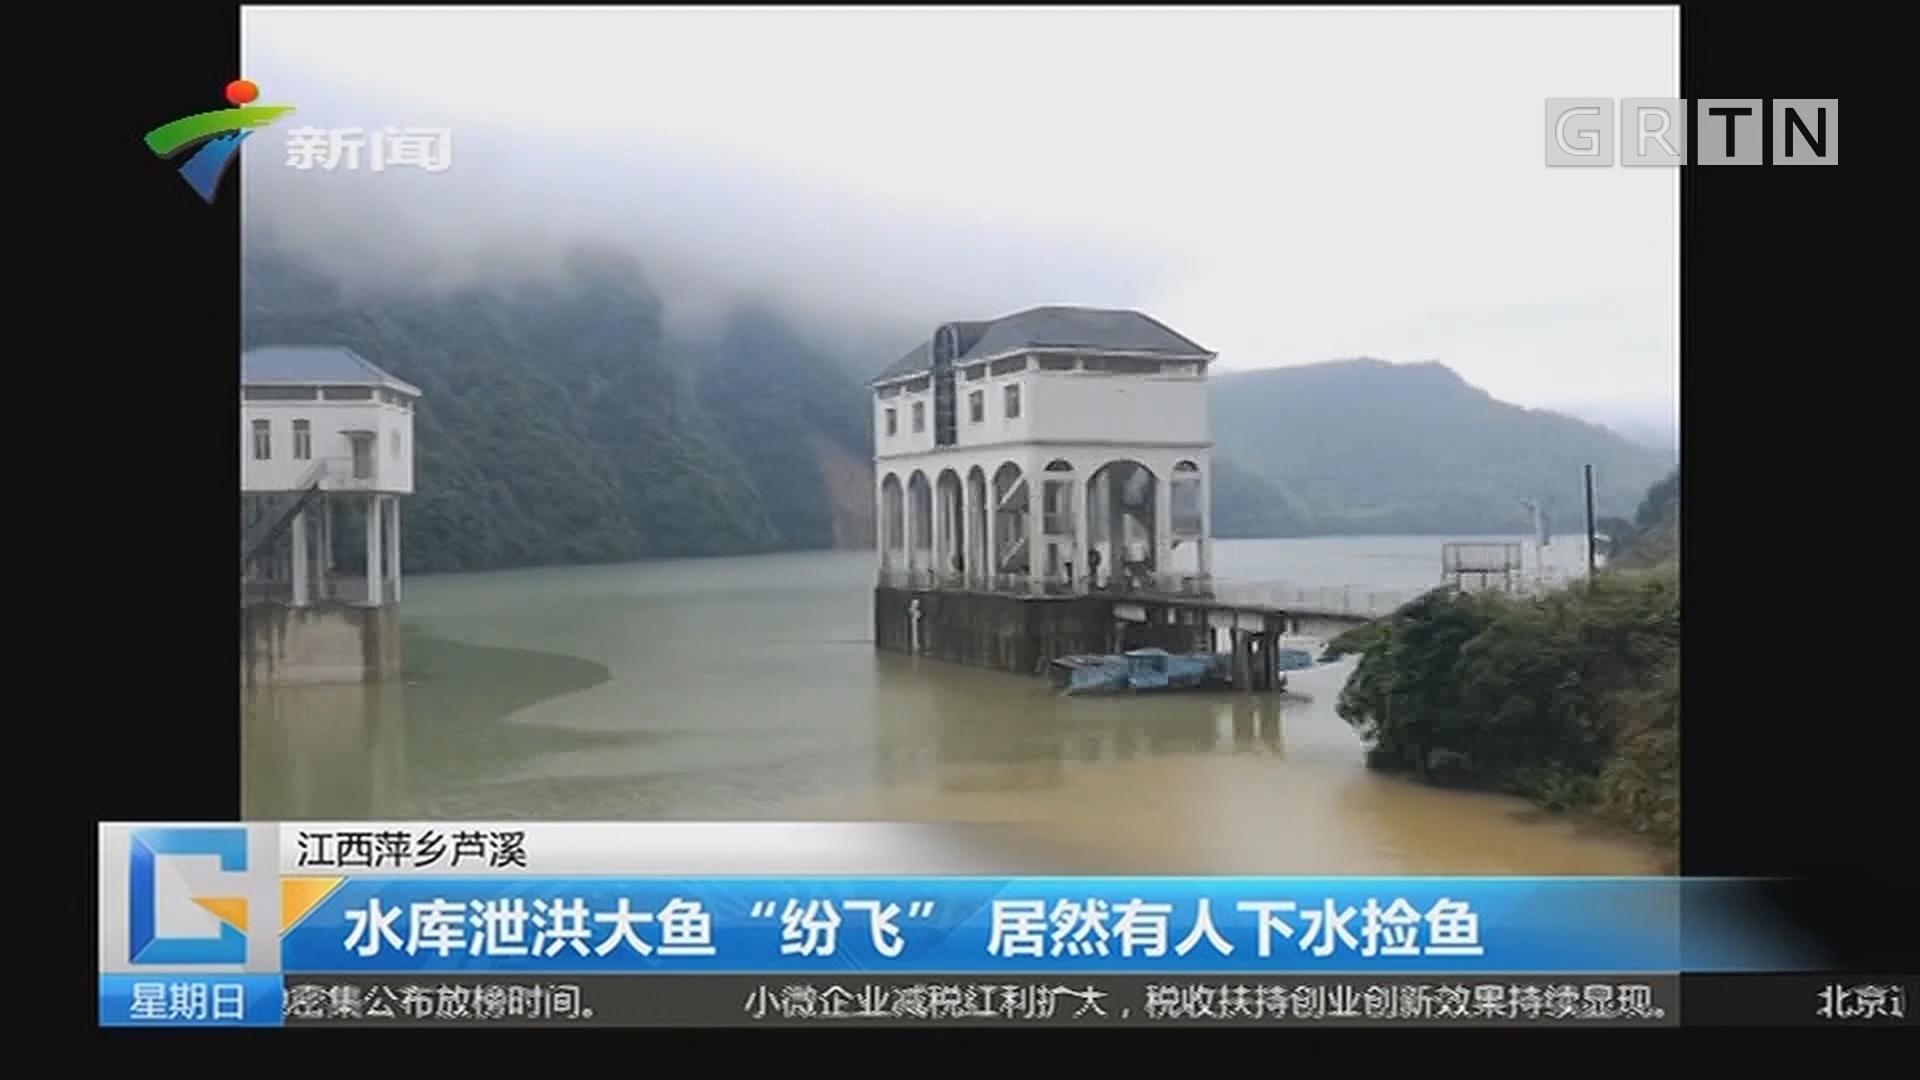 """江西萍乡芦溪:水库泄洪大鱼""""纷飞"""" 居然有人下水捡鱼"""